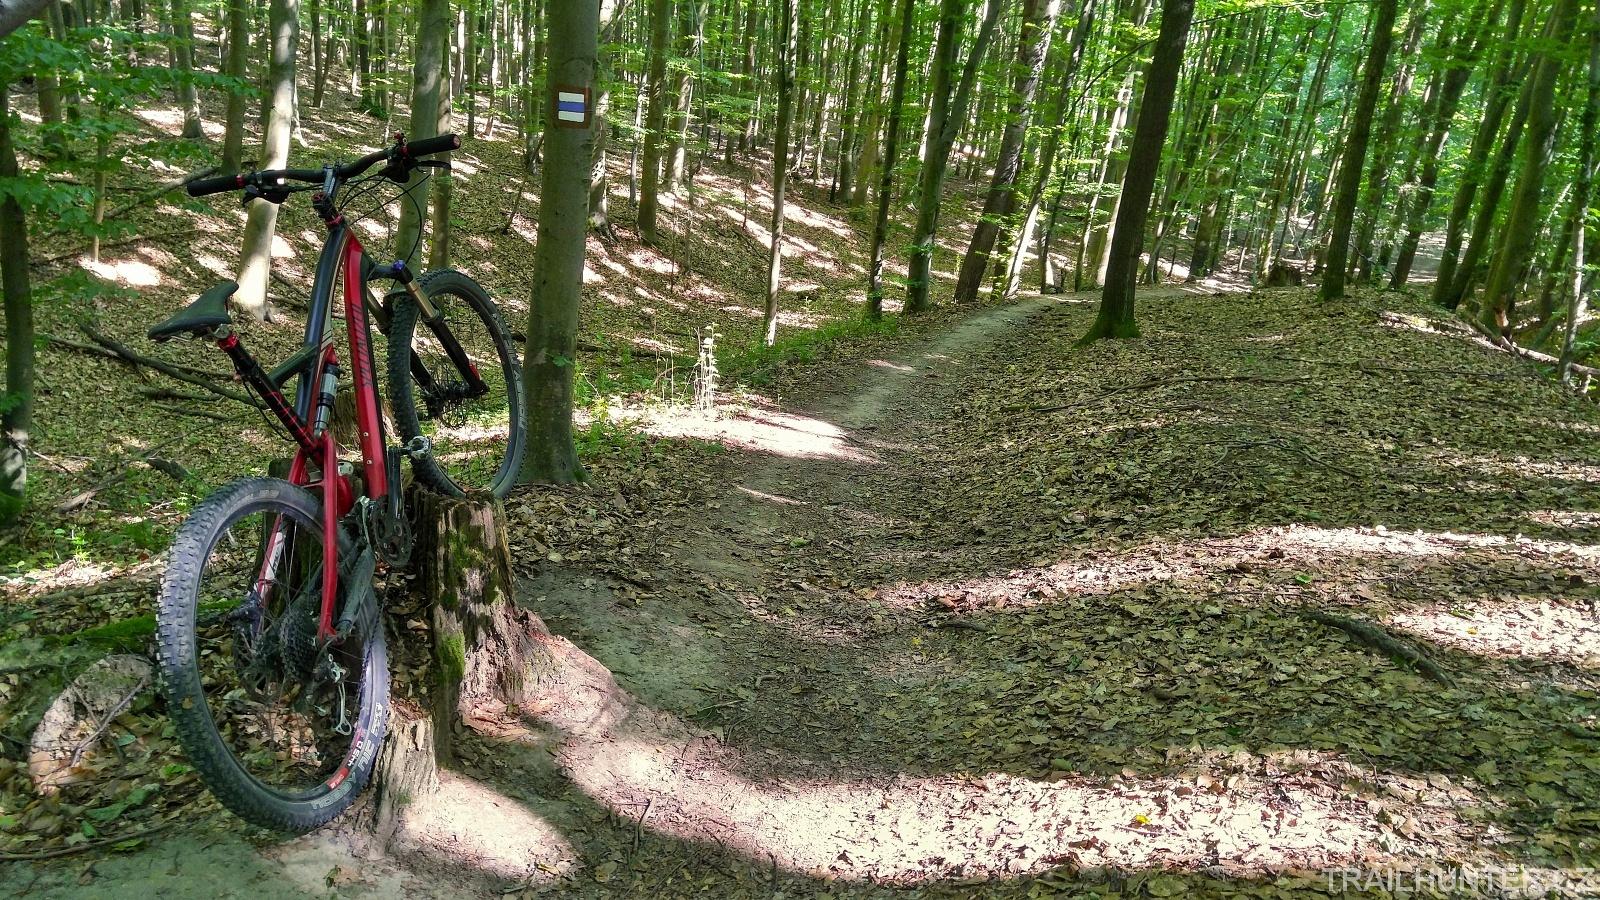 Svižný rychlý trail bez větších záludností